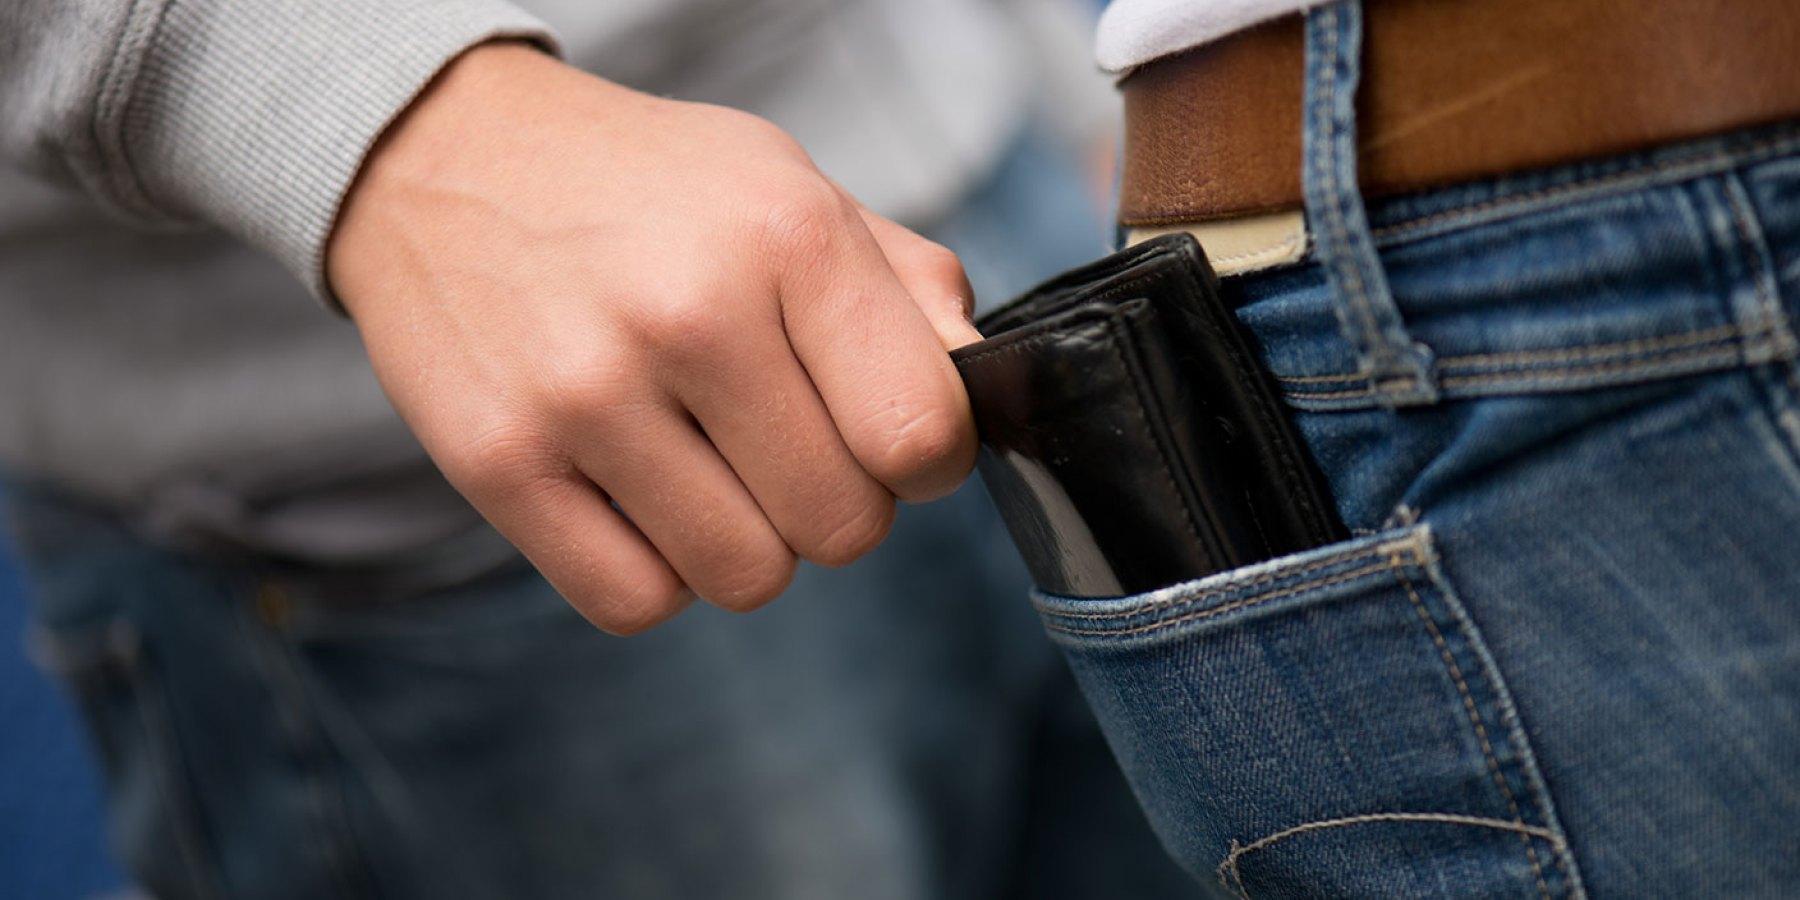 Taschendiebe in der Innenstadt unterwegs